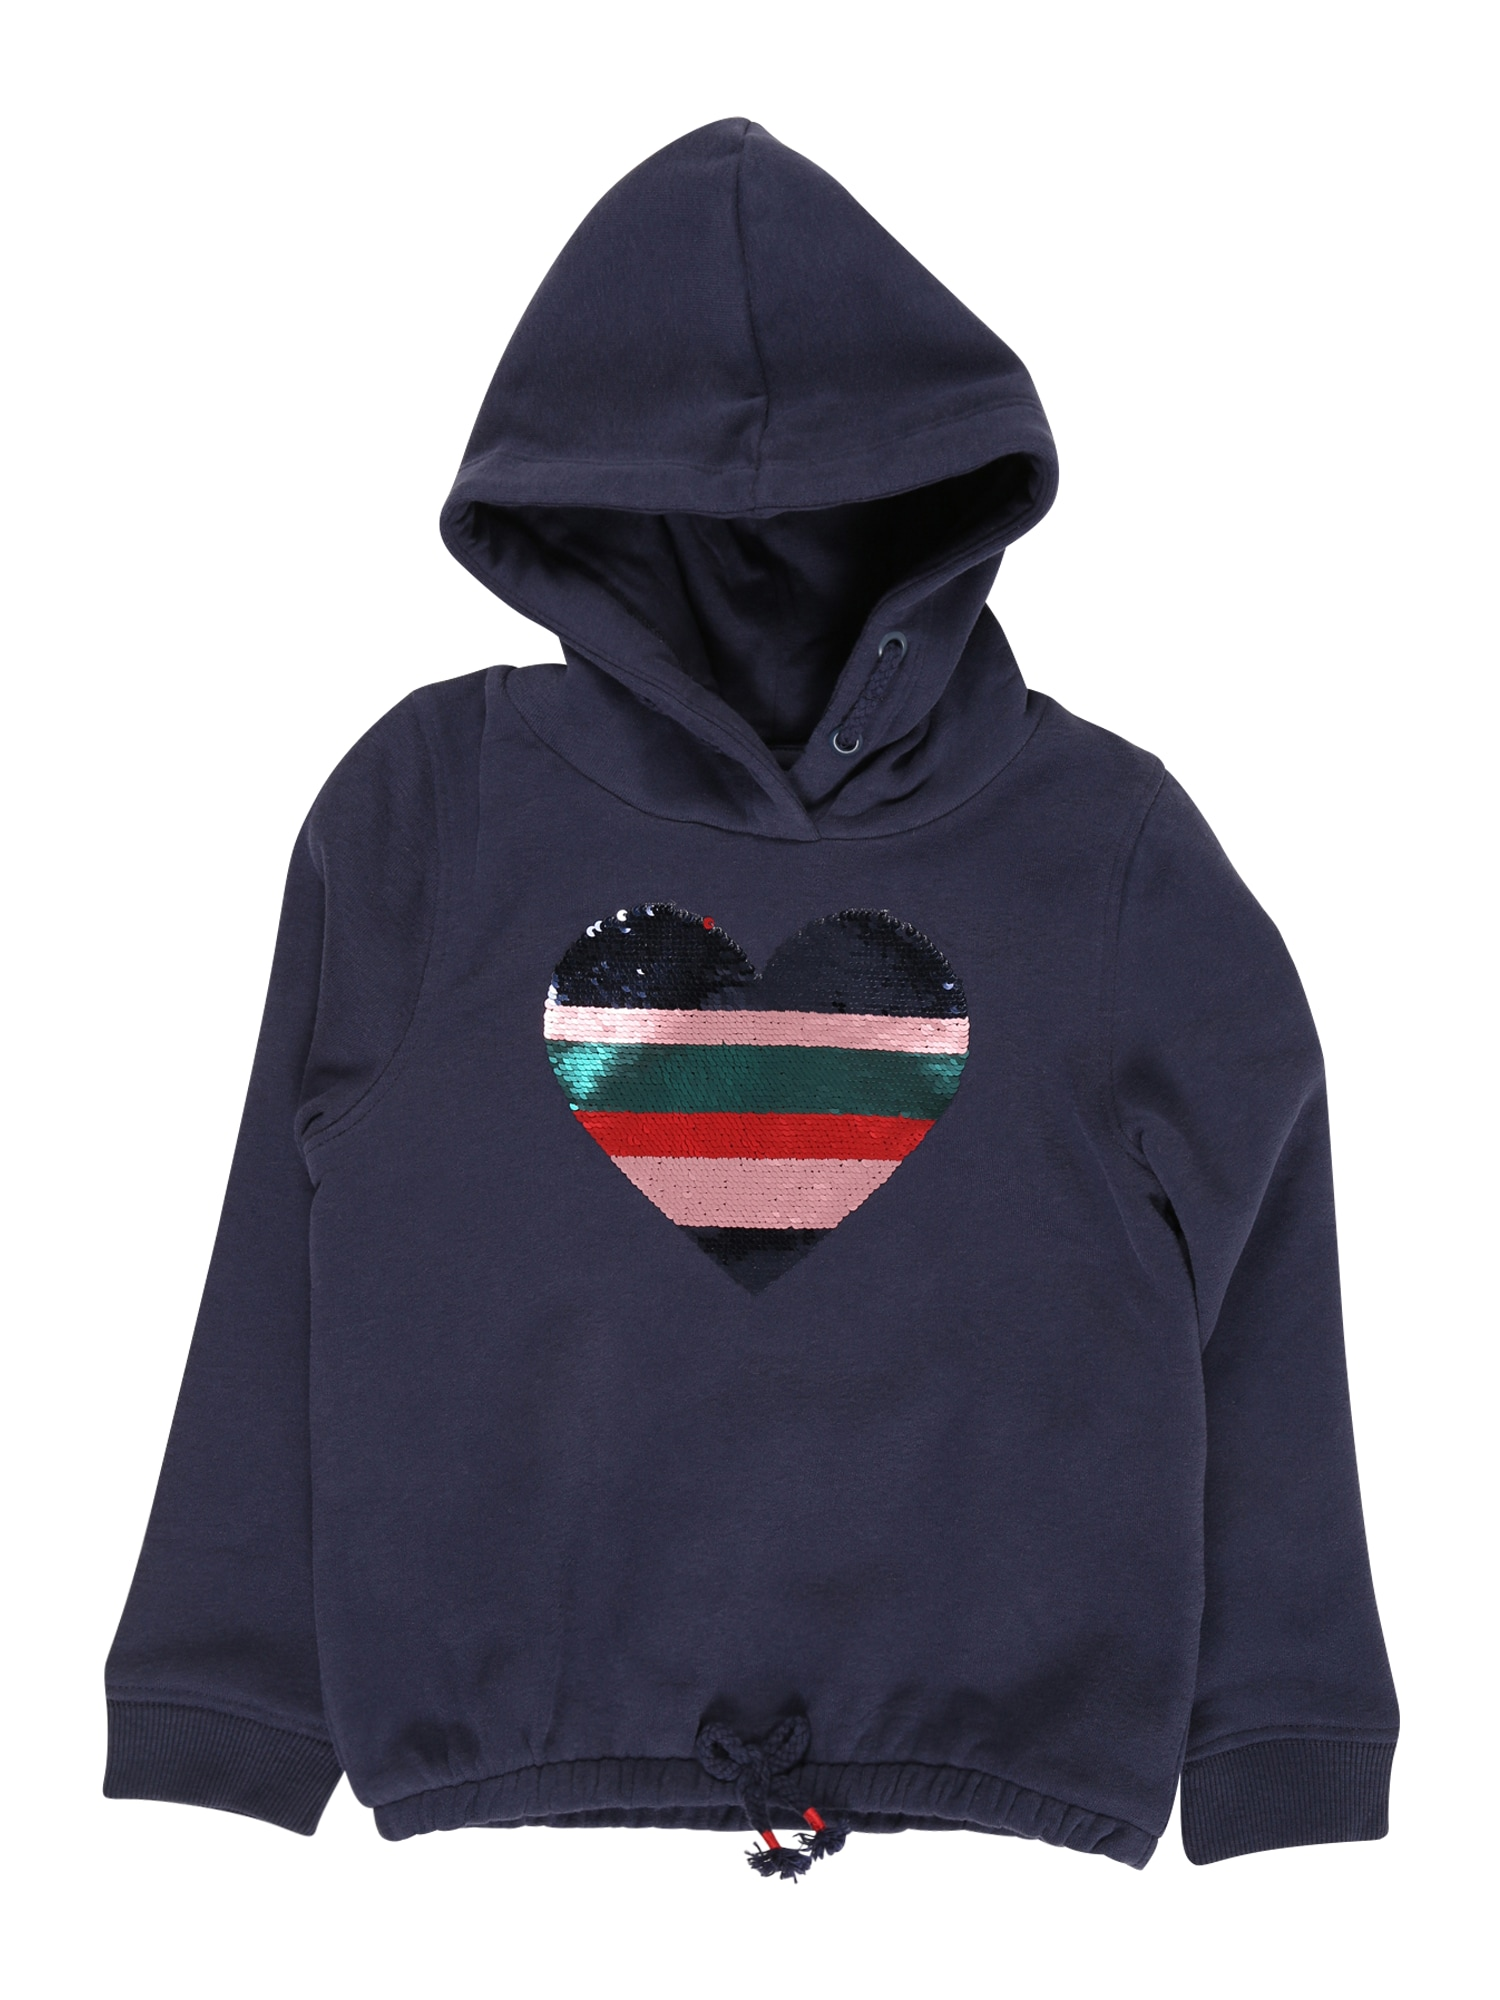 STACCATO Megztinis be užsegimo tamsiai mėlyna / kobalto mėlyna / pastelinė rožinė / smaragdinė spalva / raudona